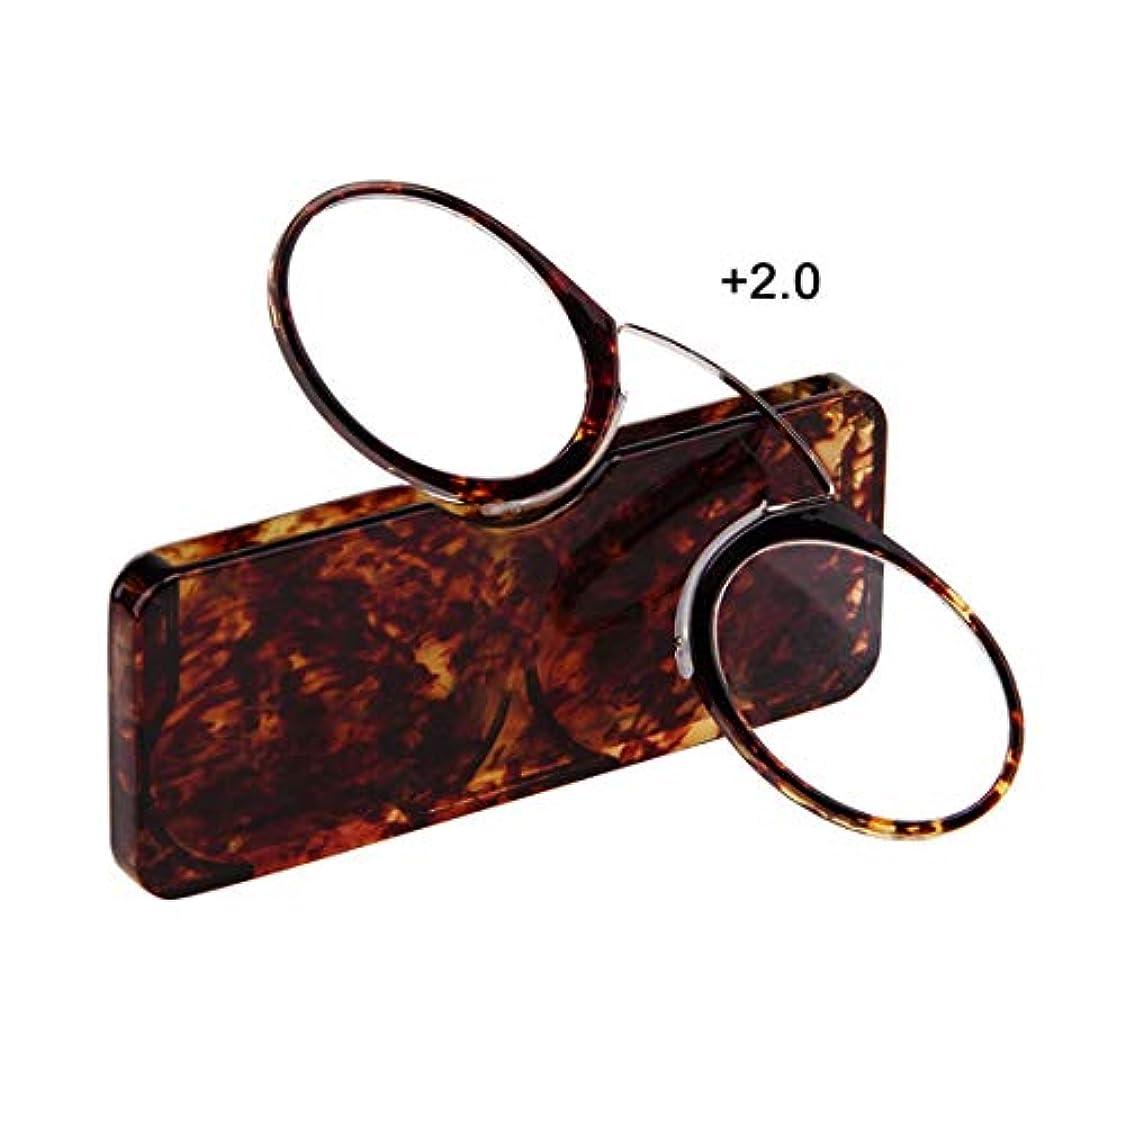 ケース付き快適な軽量老眼鏡老眼鏡ポータブルピンチ鼻スタイル老眼鏡